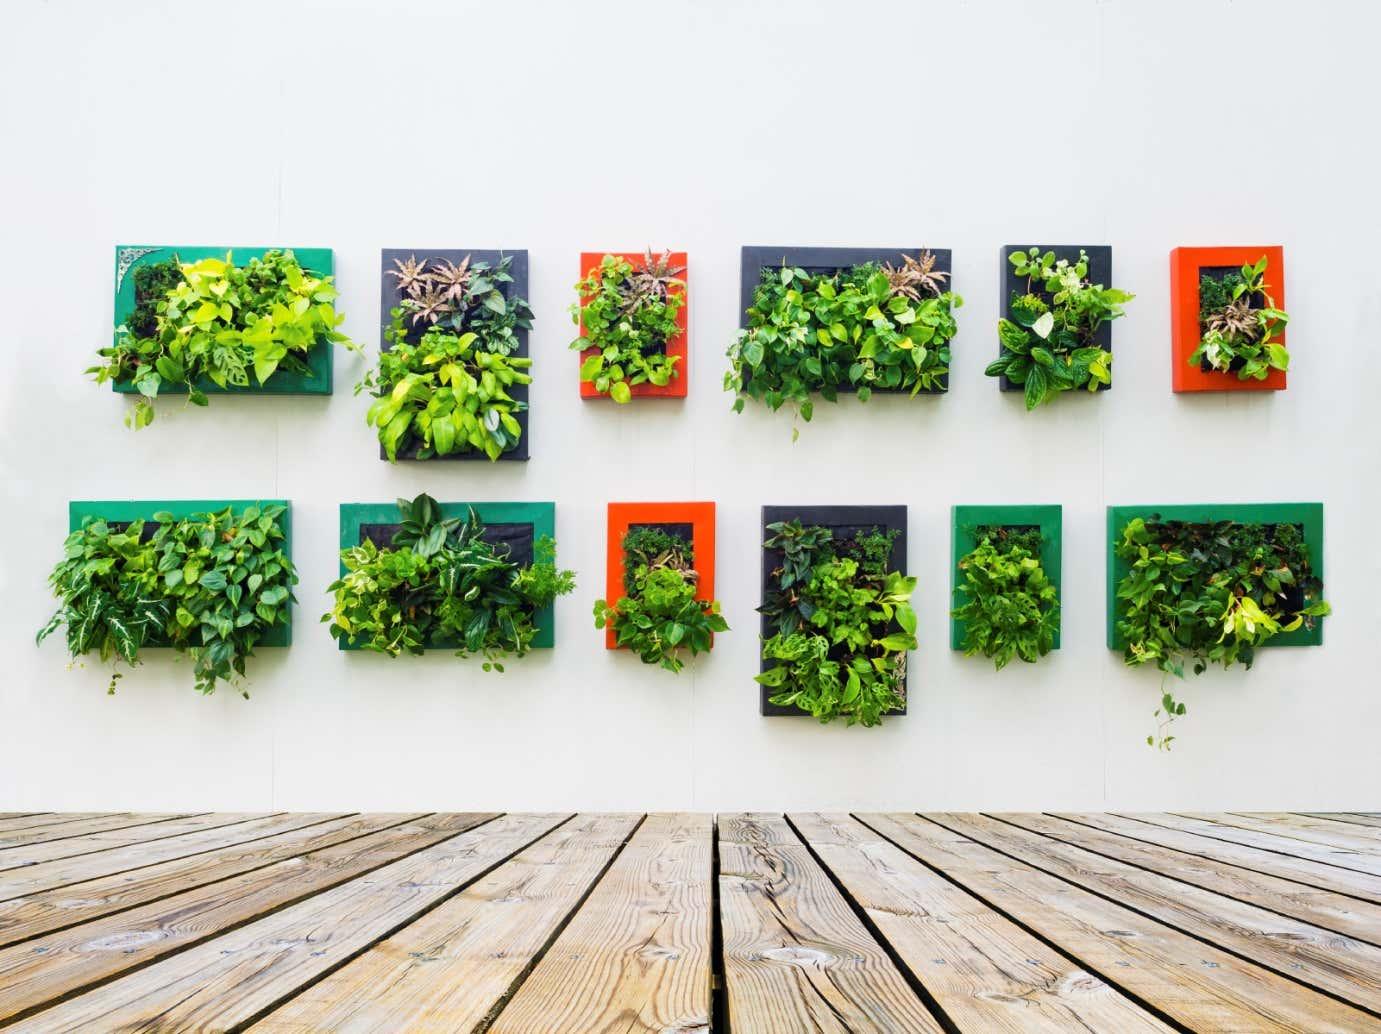 Viele Bilderrahmen ergeben einen Garten